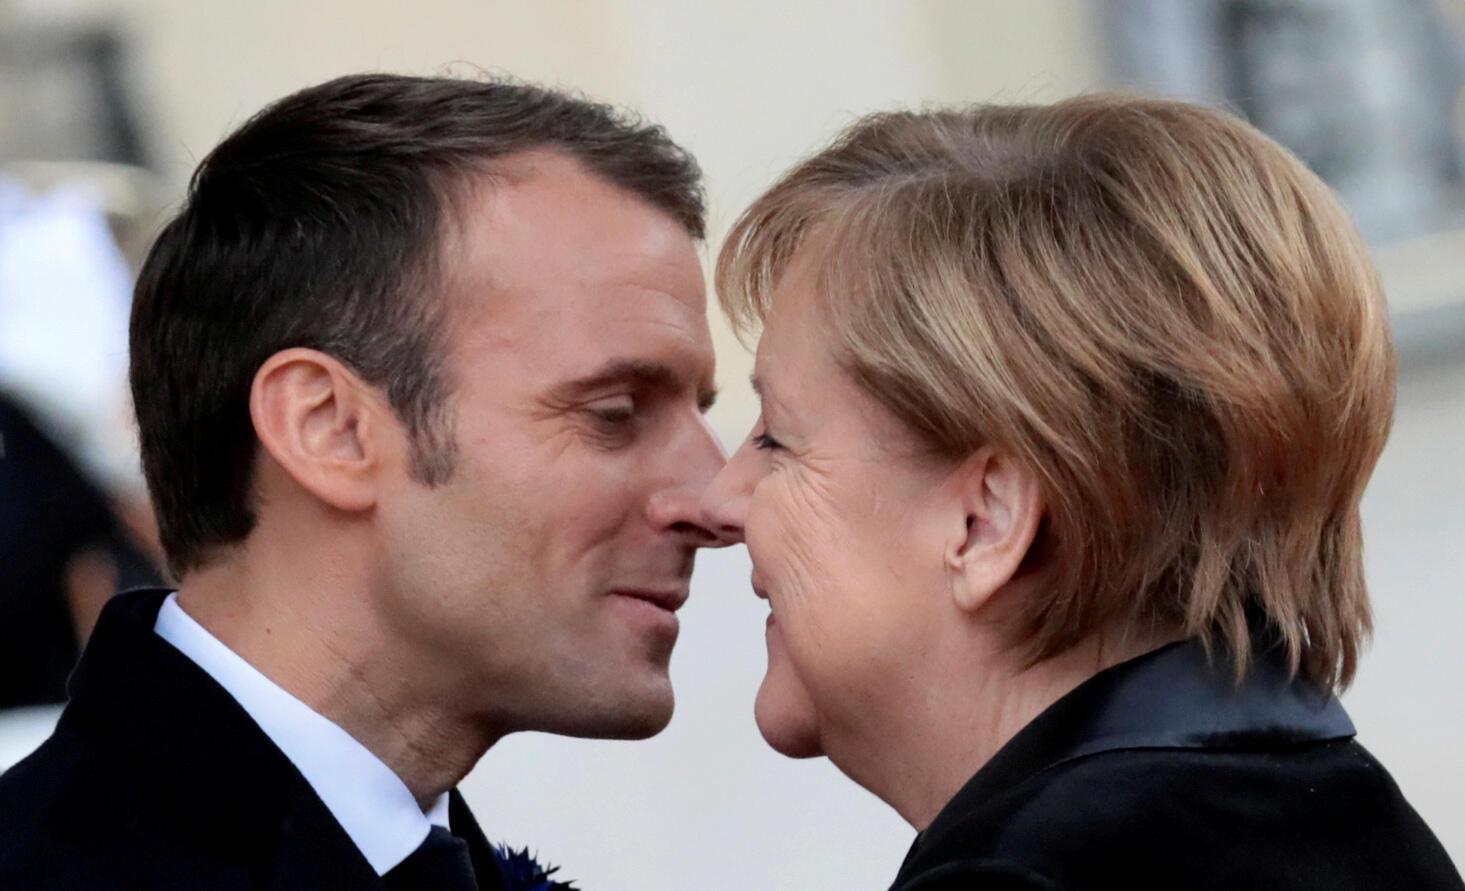 Angela Merkel visita na tarde desta quinta Emmanuel Macron, no forte de Brégançon. O encontro pretende reforçar a imagem de harmonia e liderança entre os chefes europeus.